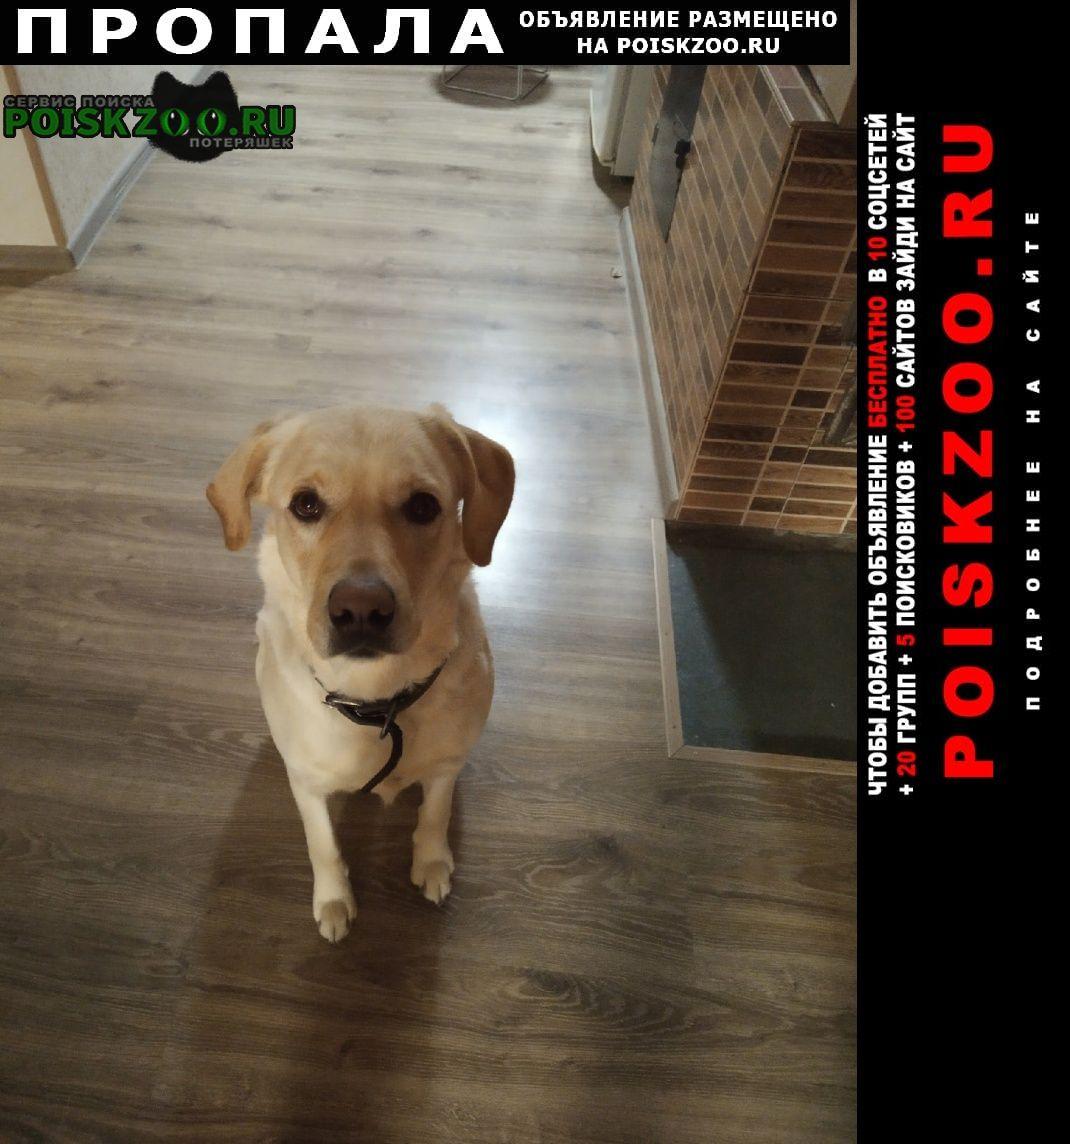 Белогорск Крым Пропала собака